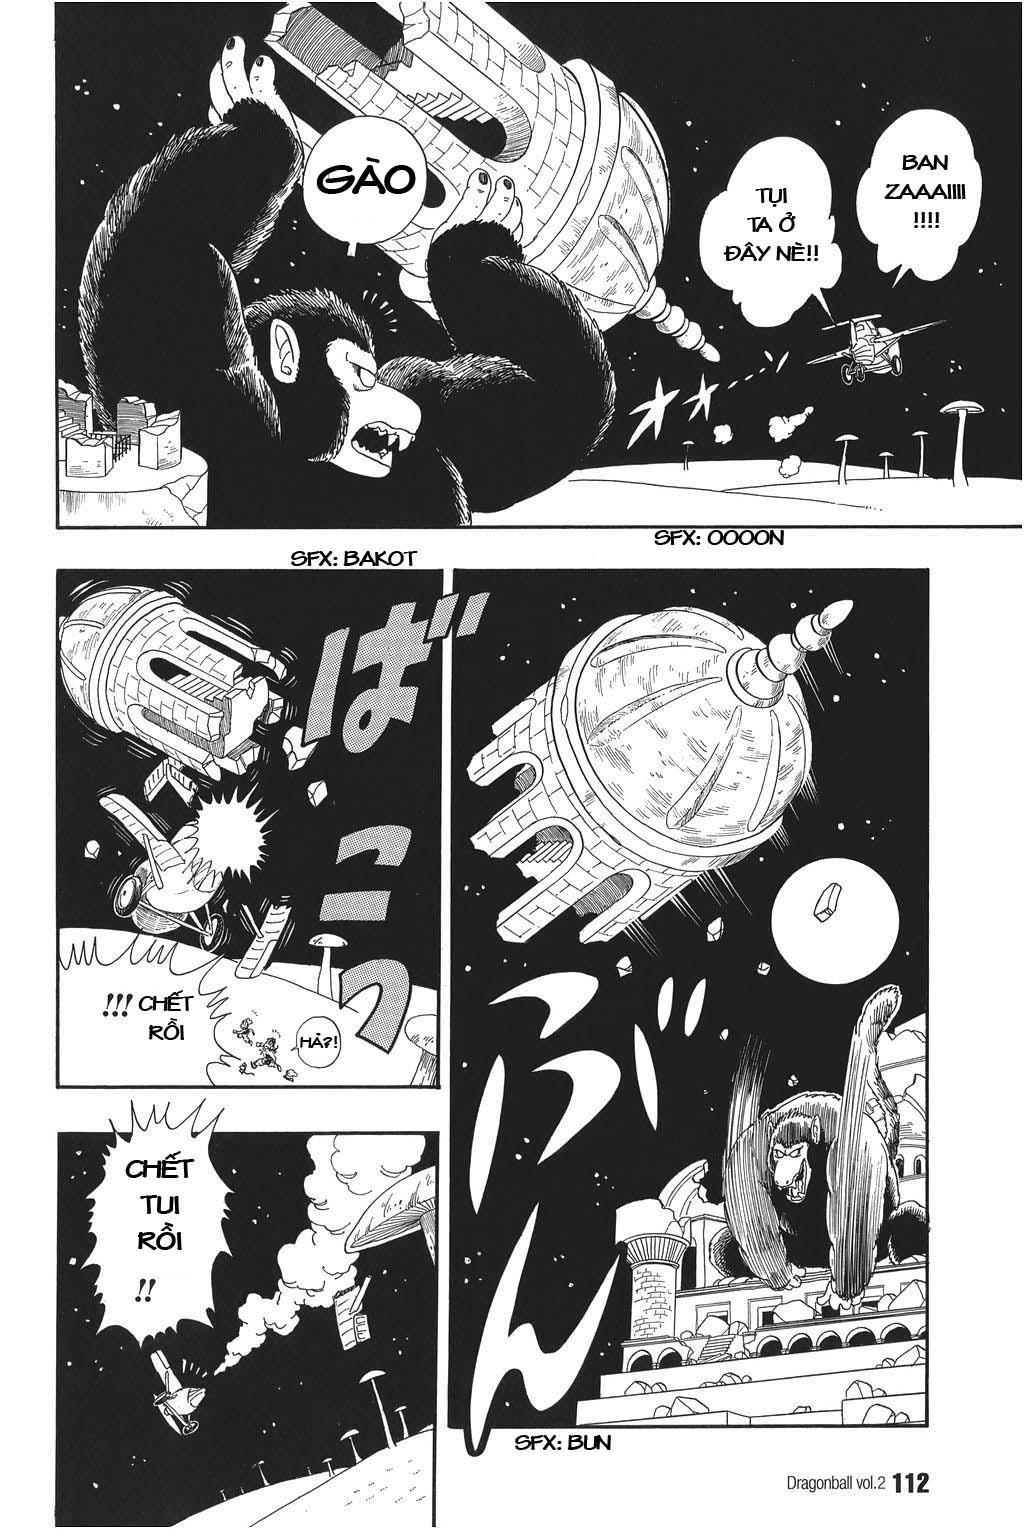 TruyenHay.Com - Ảnh 14 - Dragon Ball Bản Gốc Tiếng Anh Chapter 22